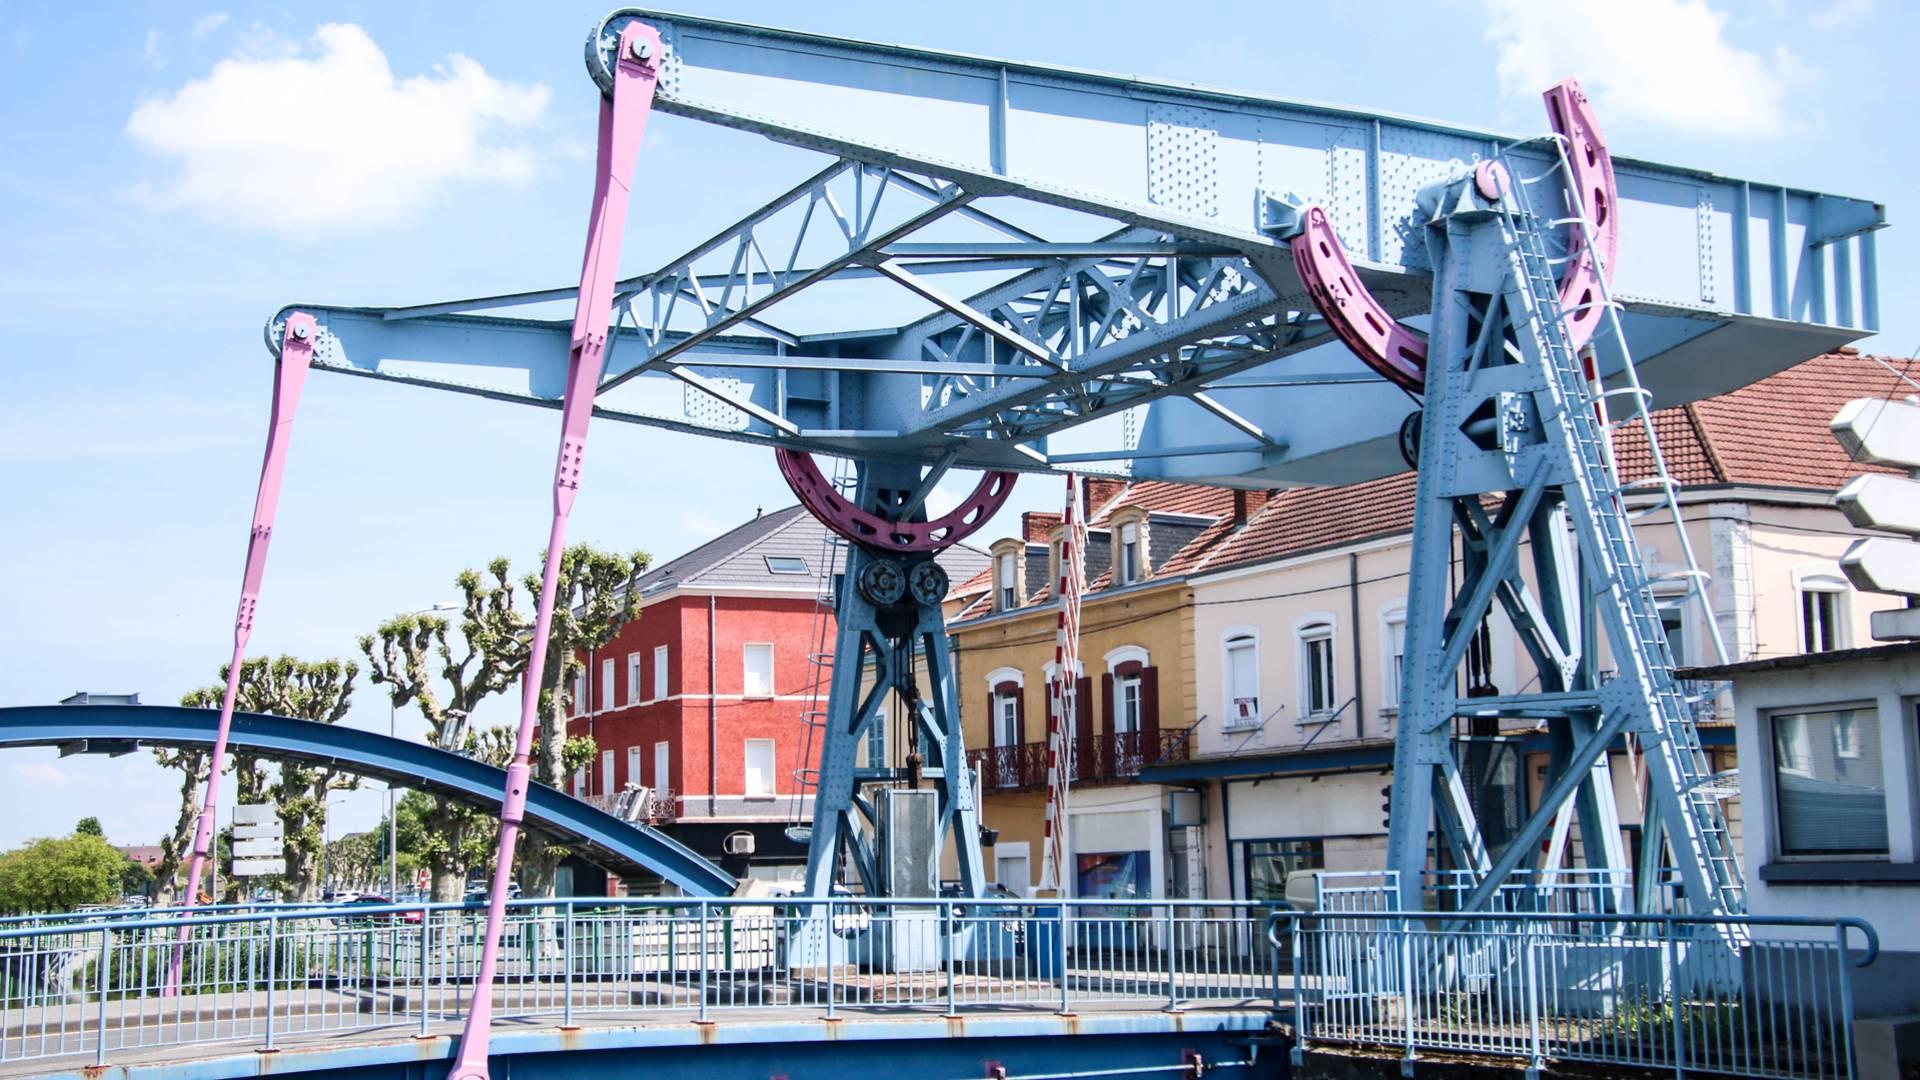 Vue du pont levant depuis le quai Jules Chagot, Montceau-les-Mines. © Lesley Williamson.